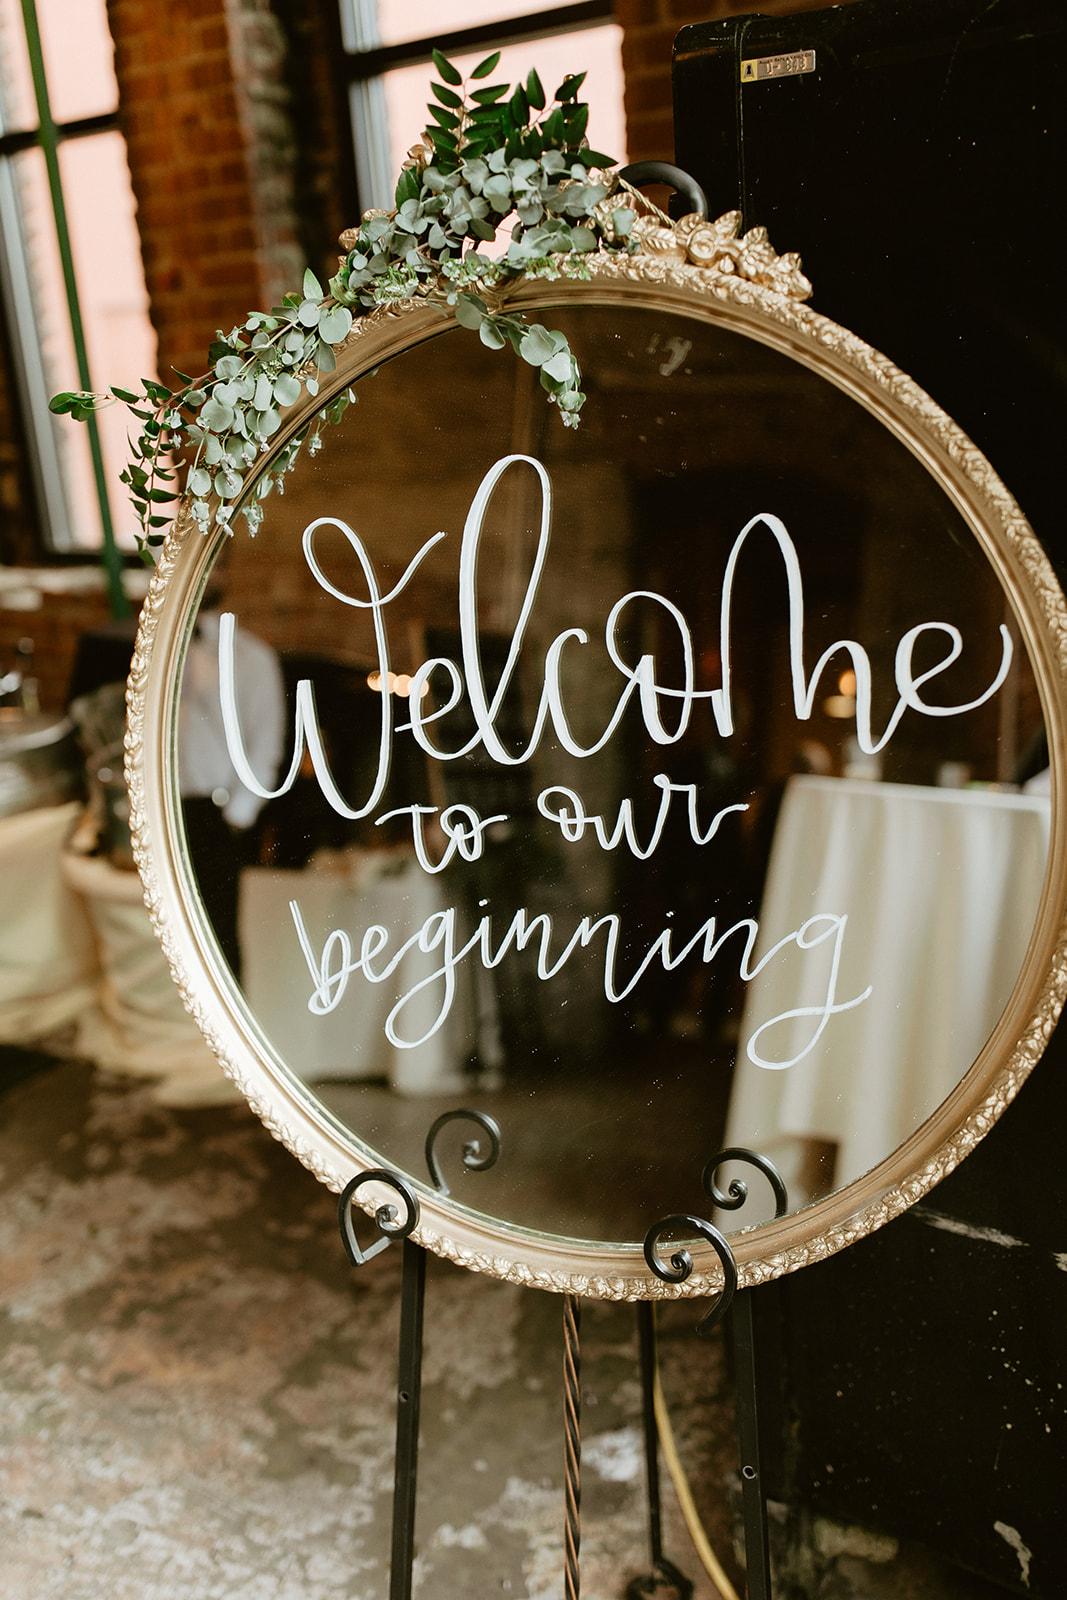 Chateau Rive Spokane Wedding Spokane Blog Dress sign